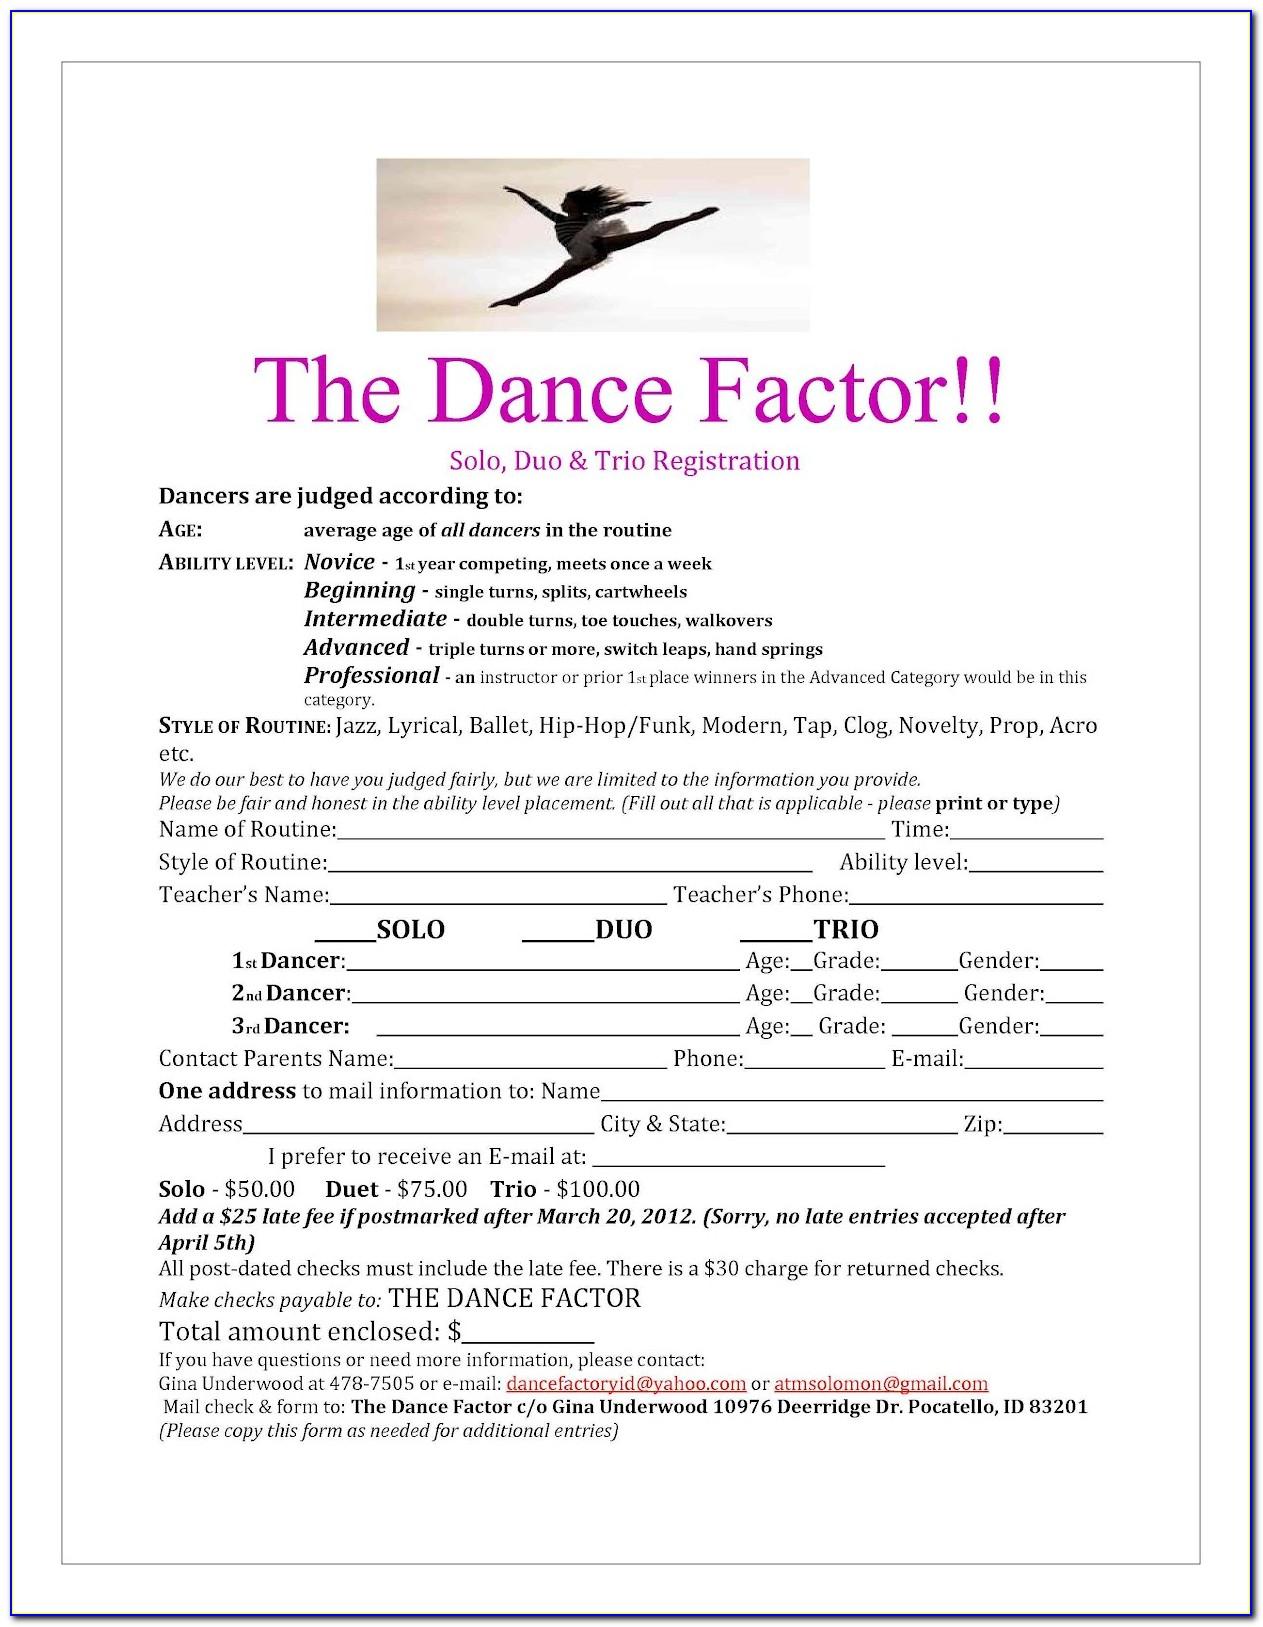 Sample Resume Dance Registration Form Template